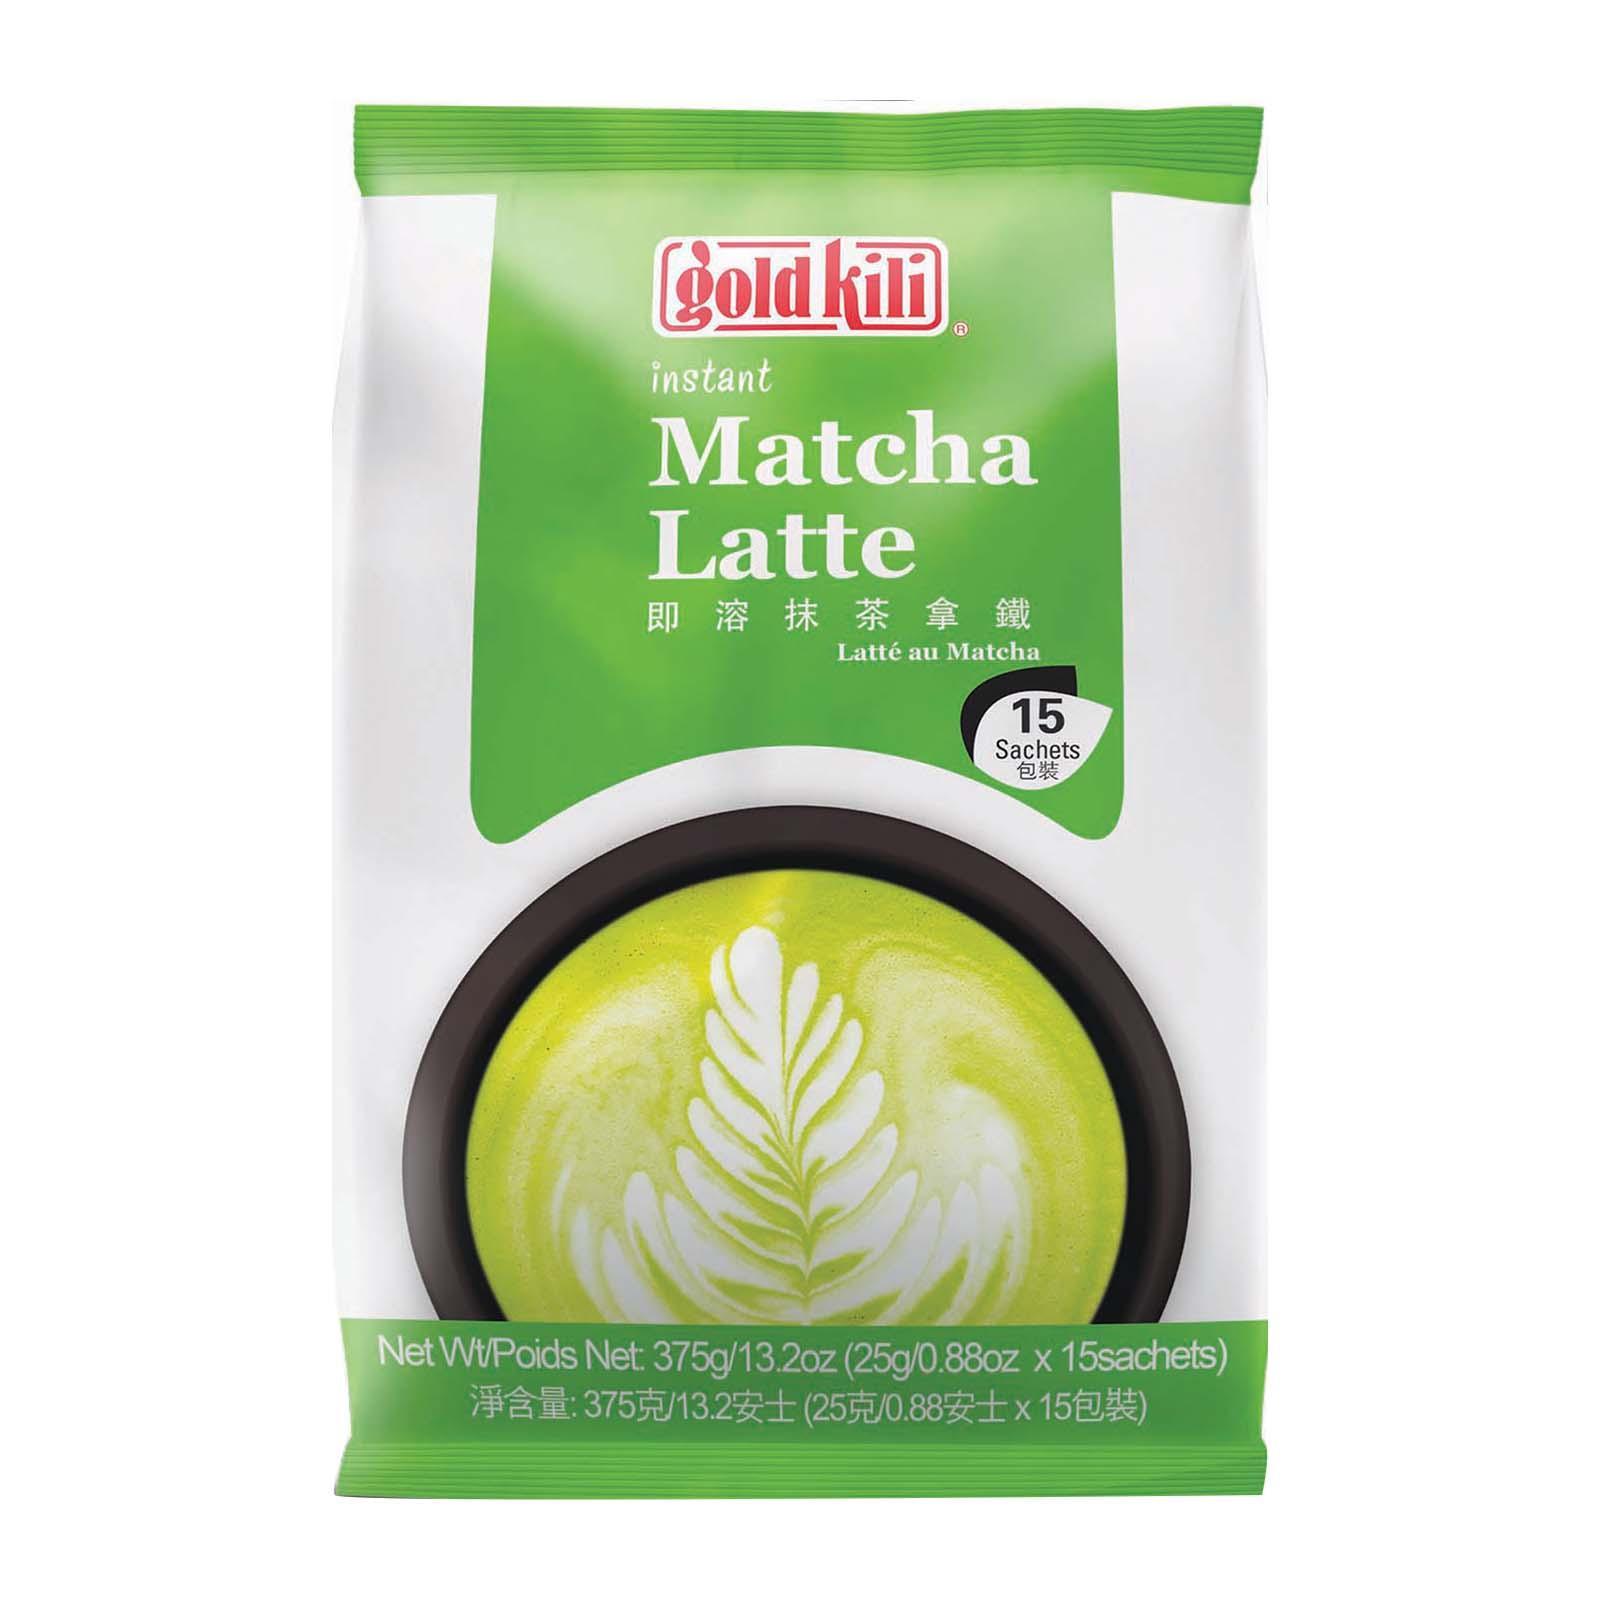 Gold Kili Instant Matcha Latte 15X25G